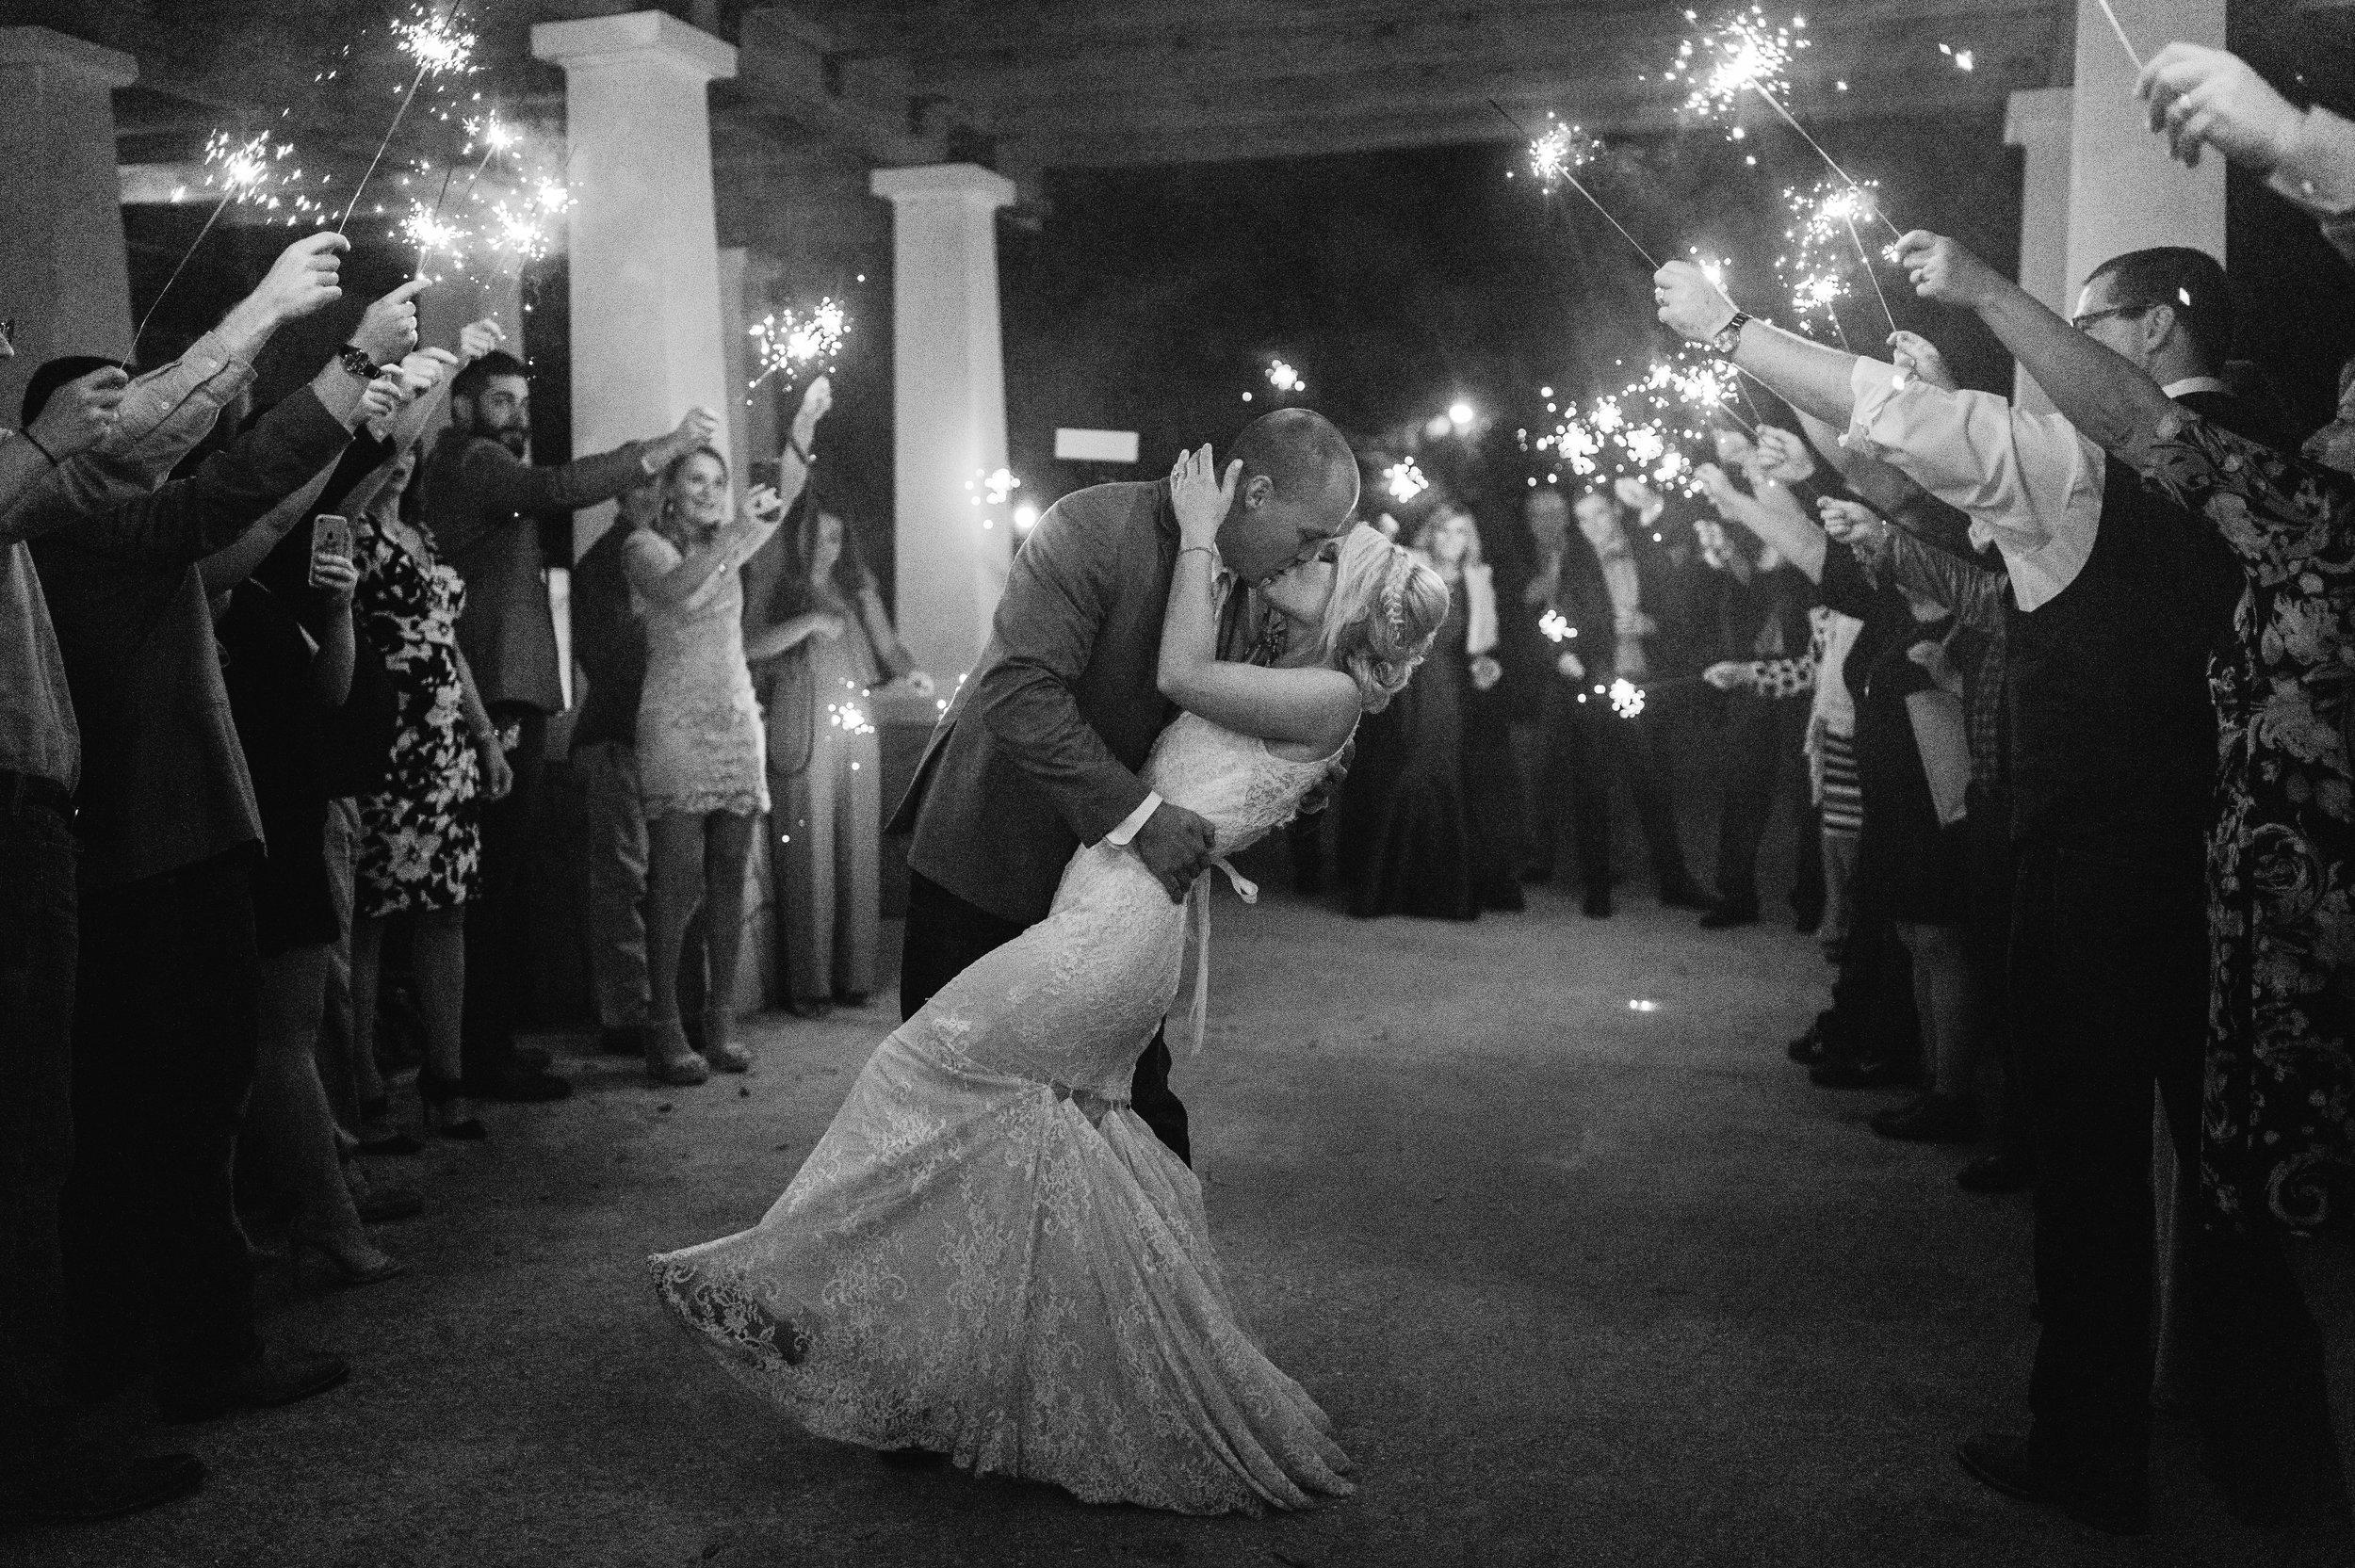 2018.02.10 Mariah and Ryan Baker Estate on Halifax Wedding (1209 of 1218).jpg